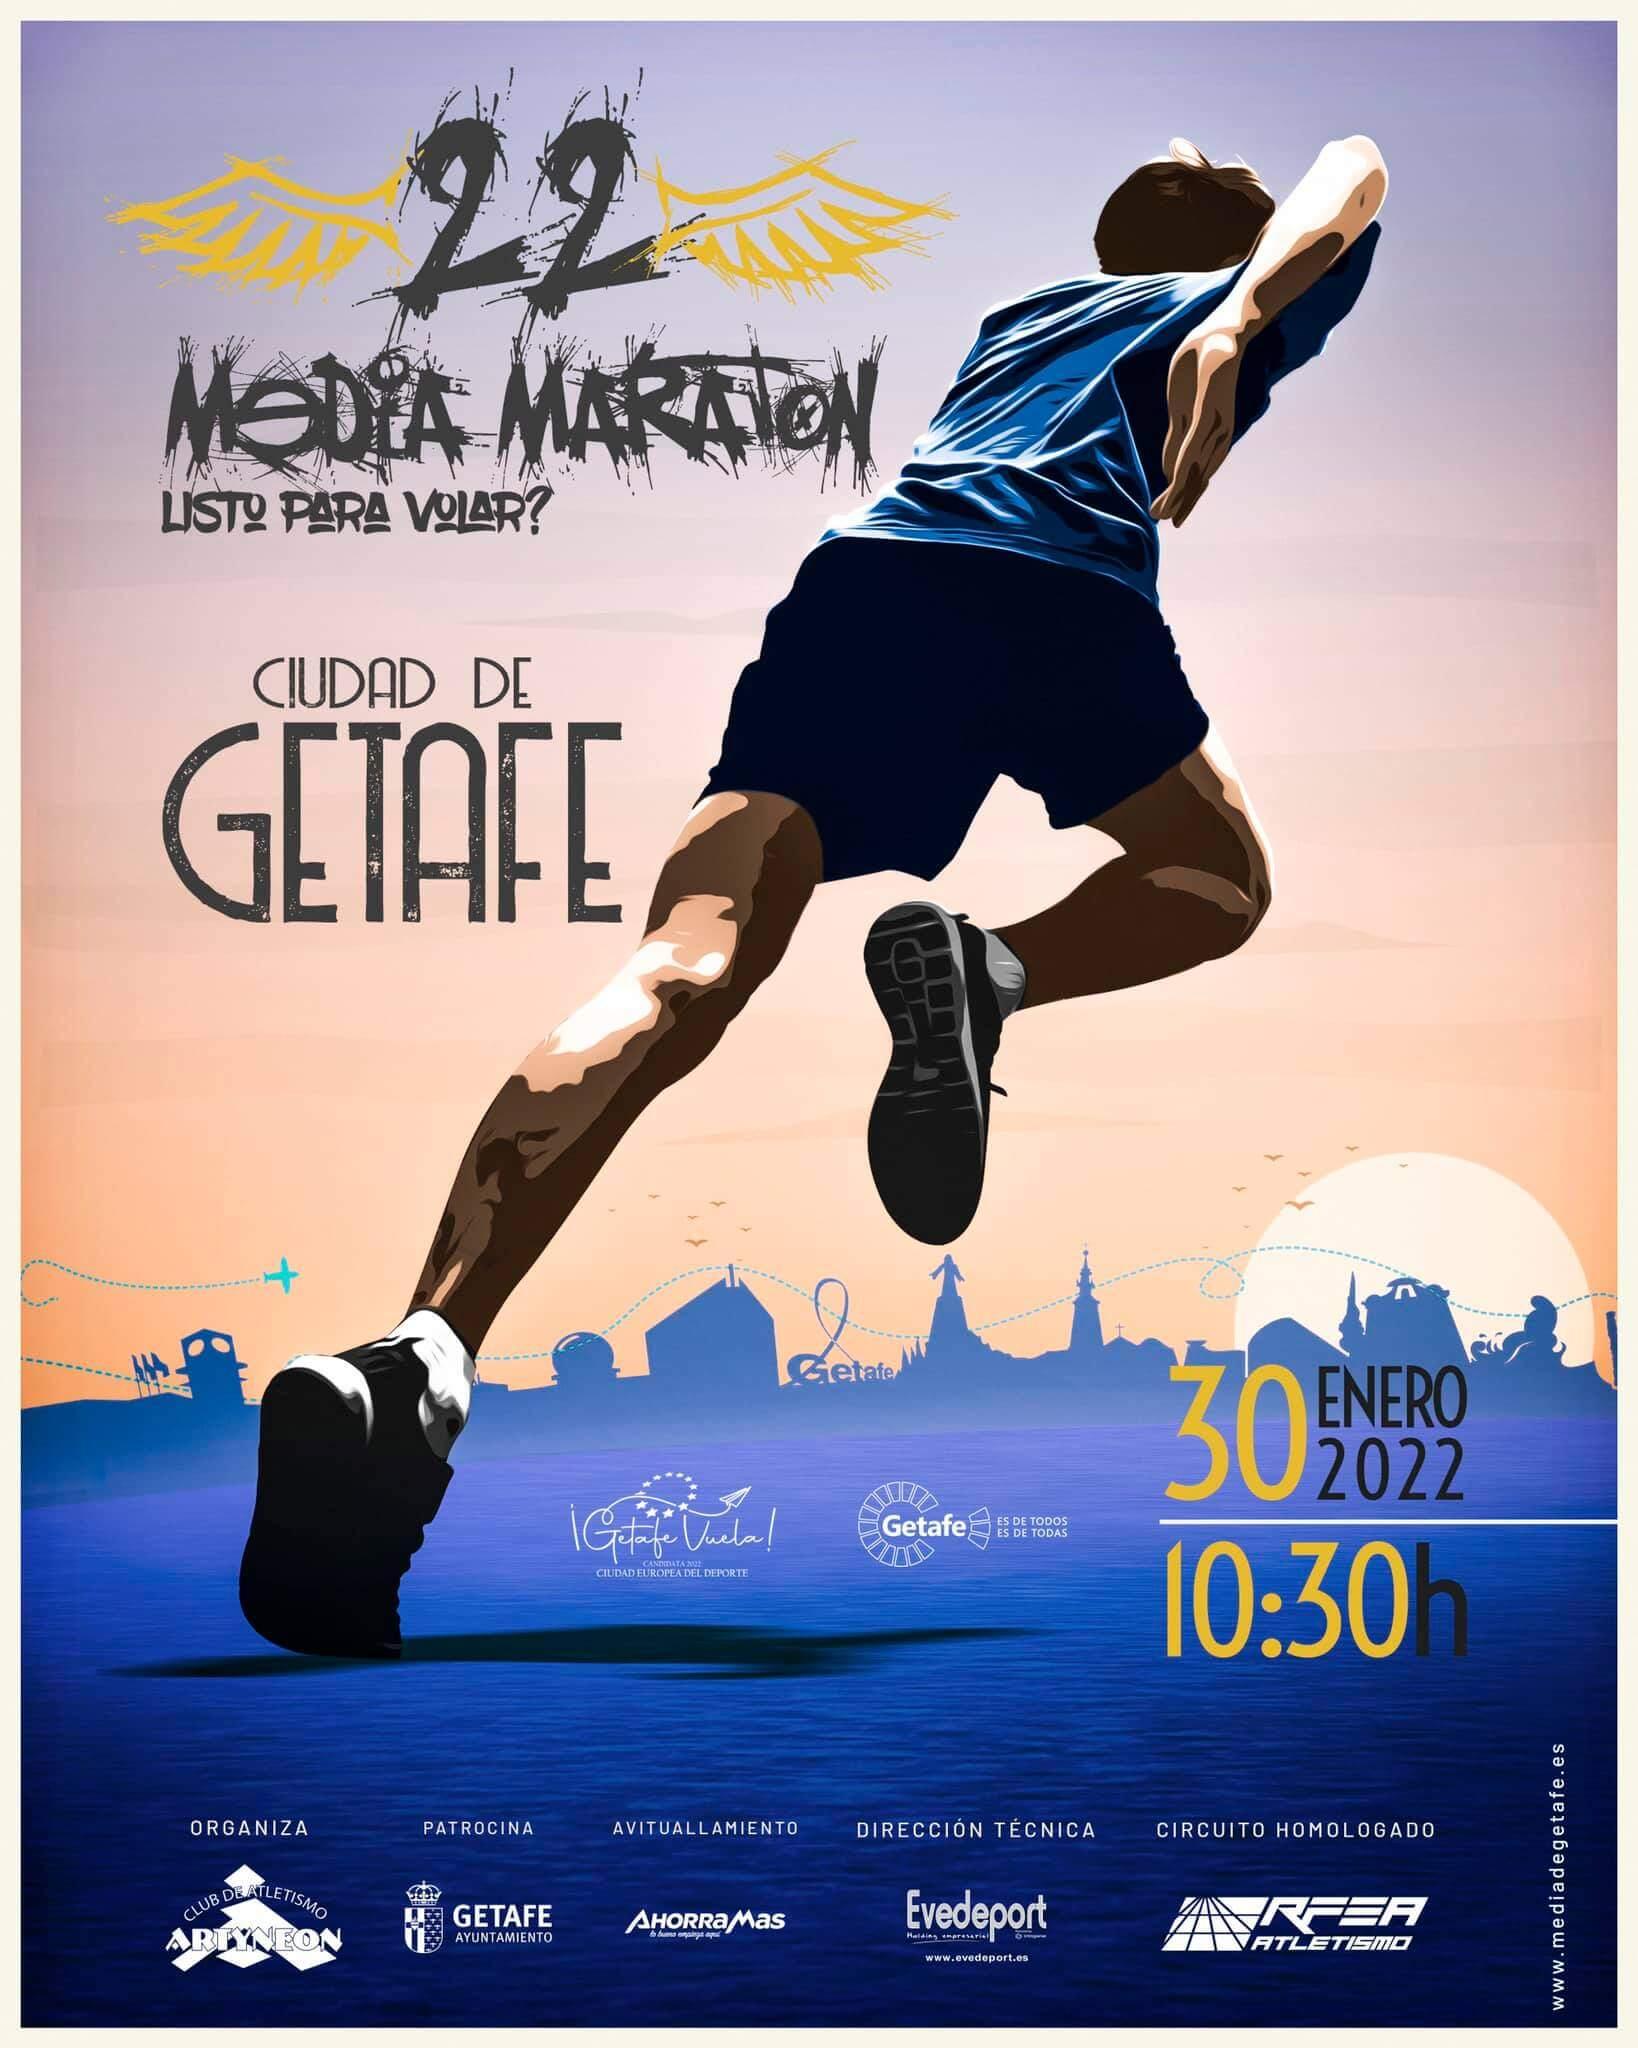 XXII Media Maratón Ciudad de Getafe